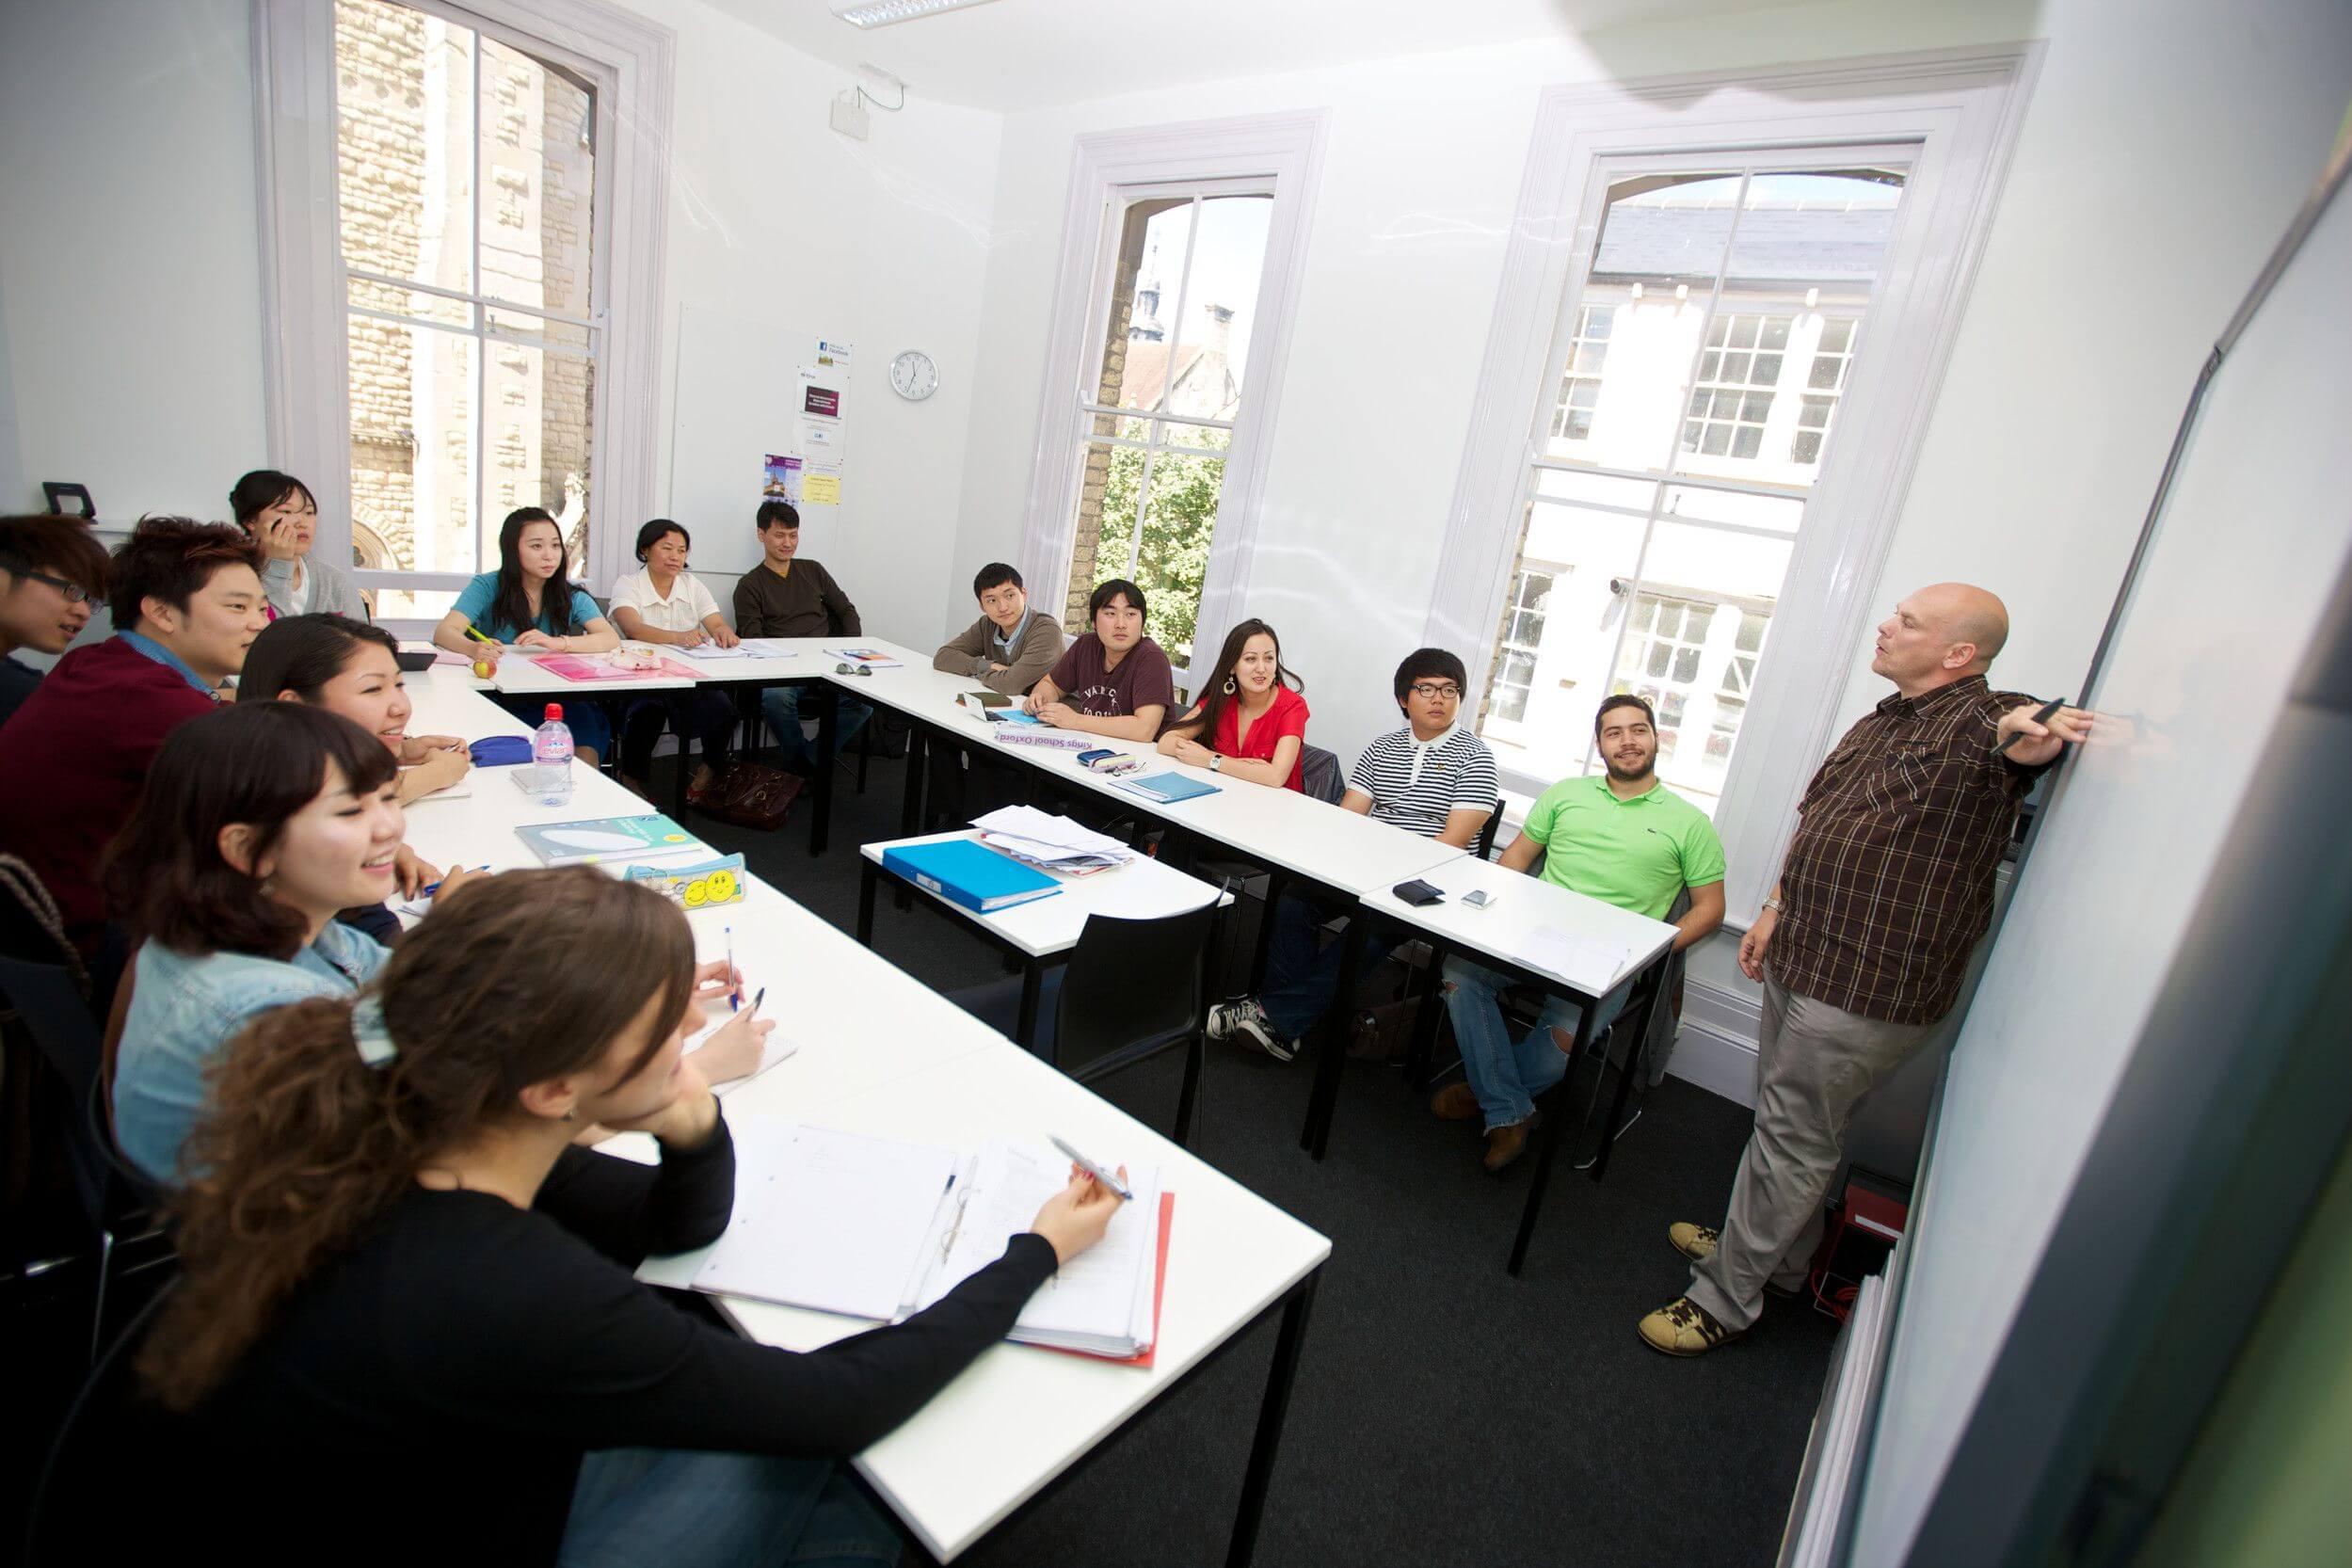 Aulas modernas y amplias - La escuela en Oxford tiene aulas amplias completamente equipadas.